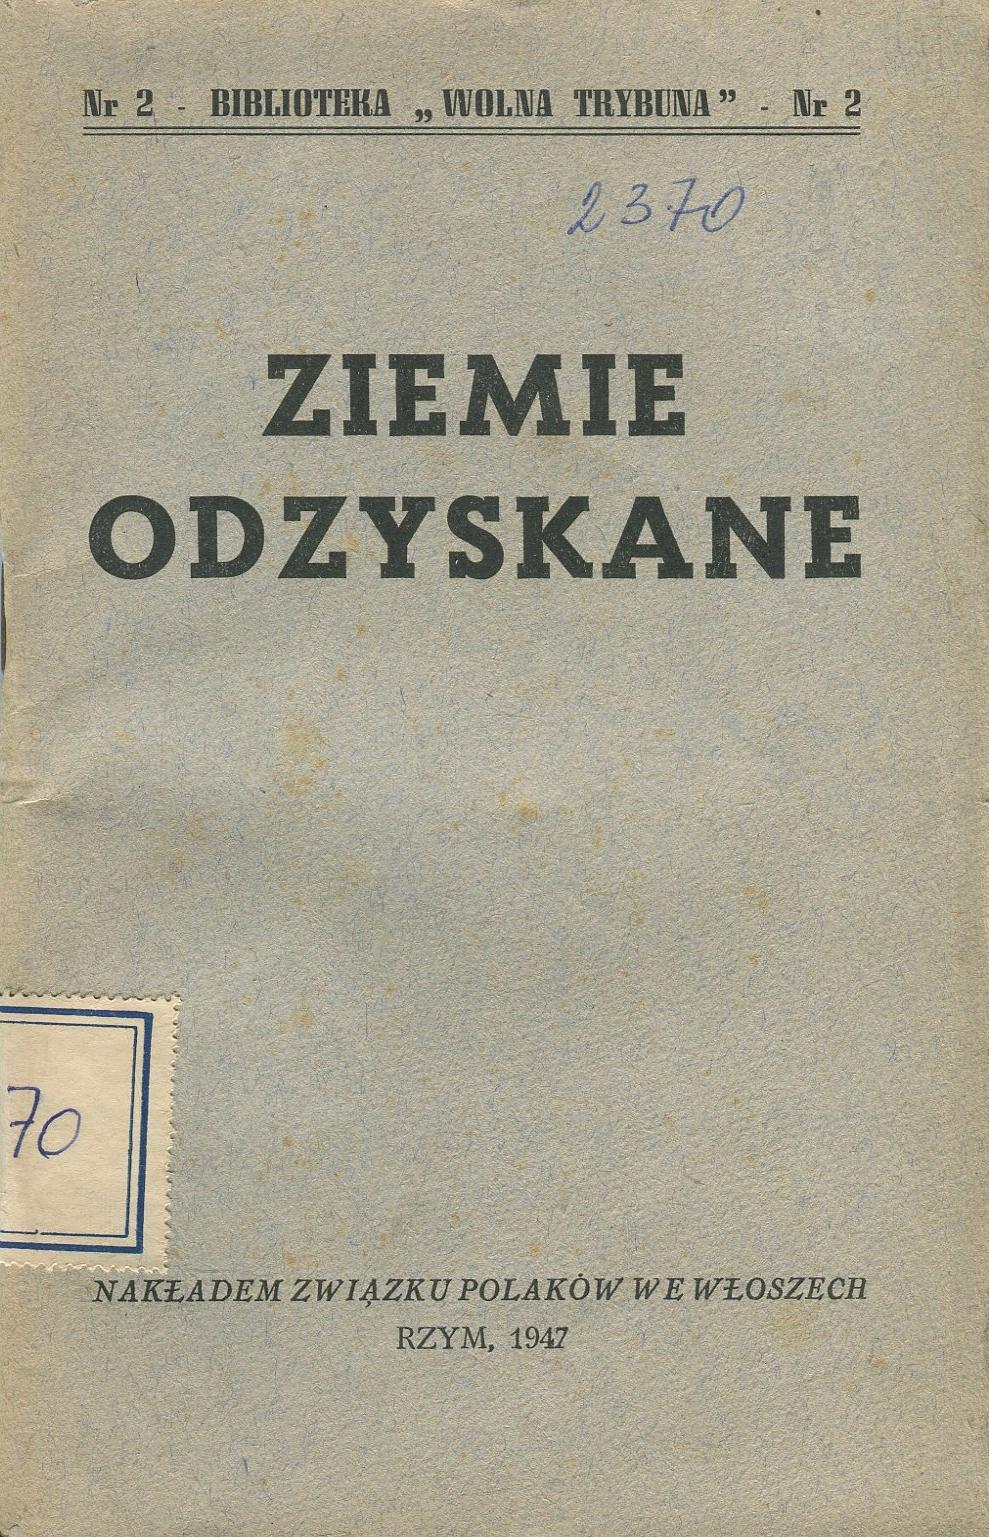 ZIEMIE ODZYSKANE 1947